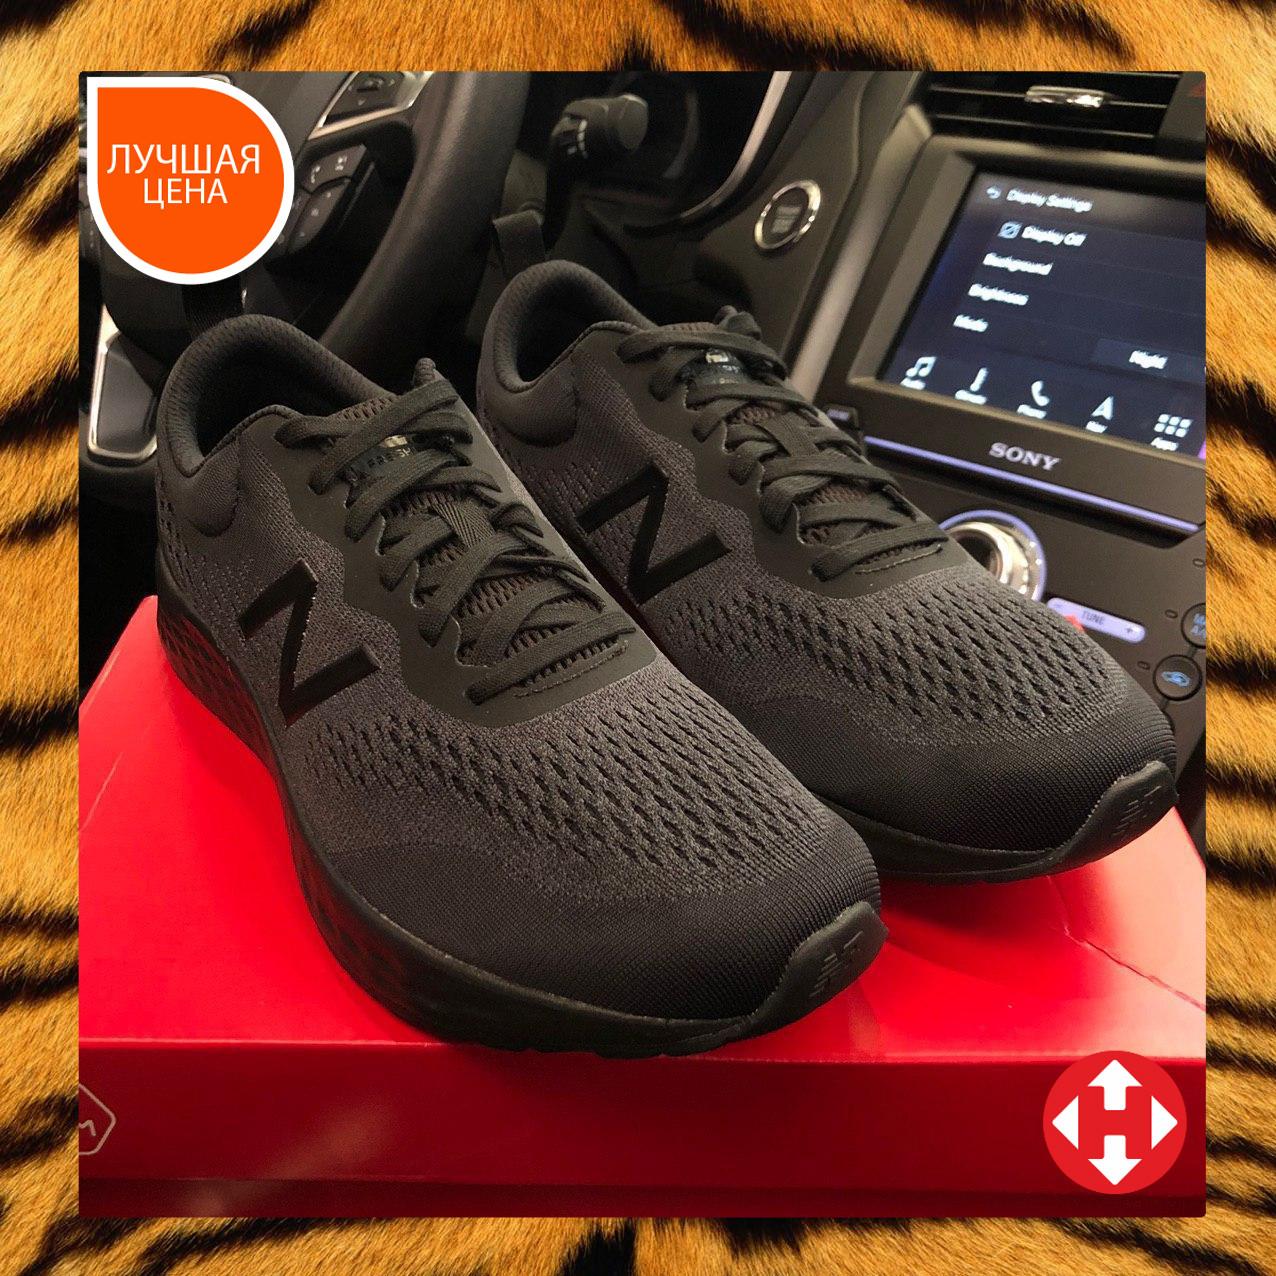 🔥 Мужские кроссовки спортивные повседневные New Balance Fresh Foam Arishi v3 черные оригинальные